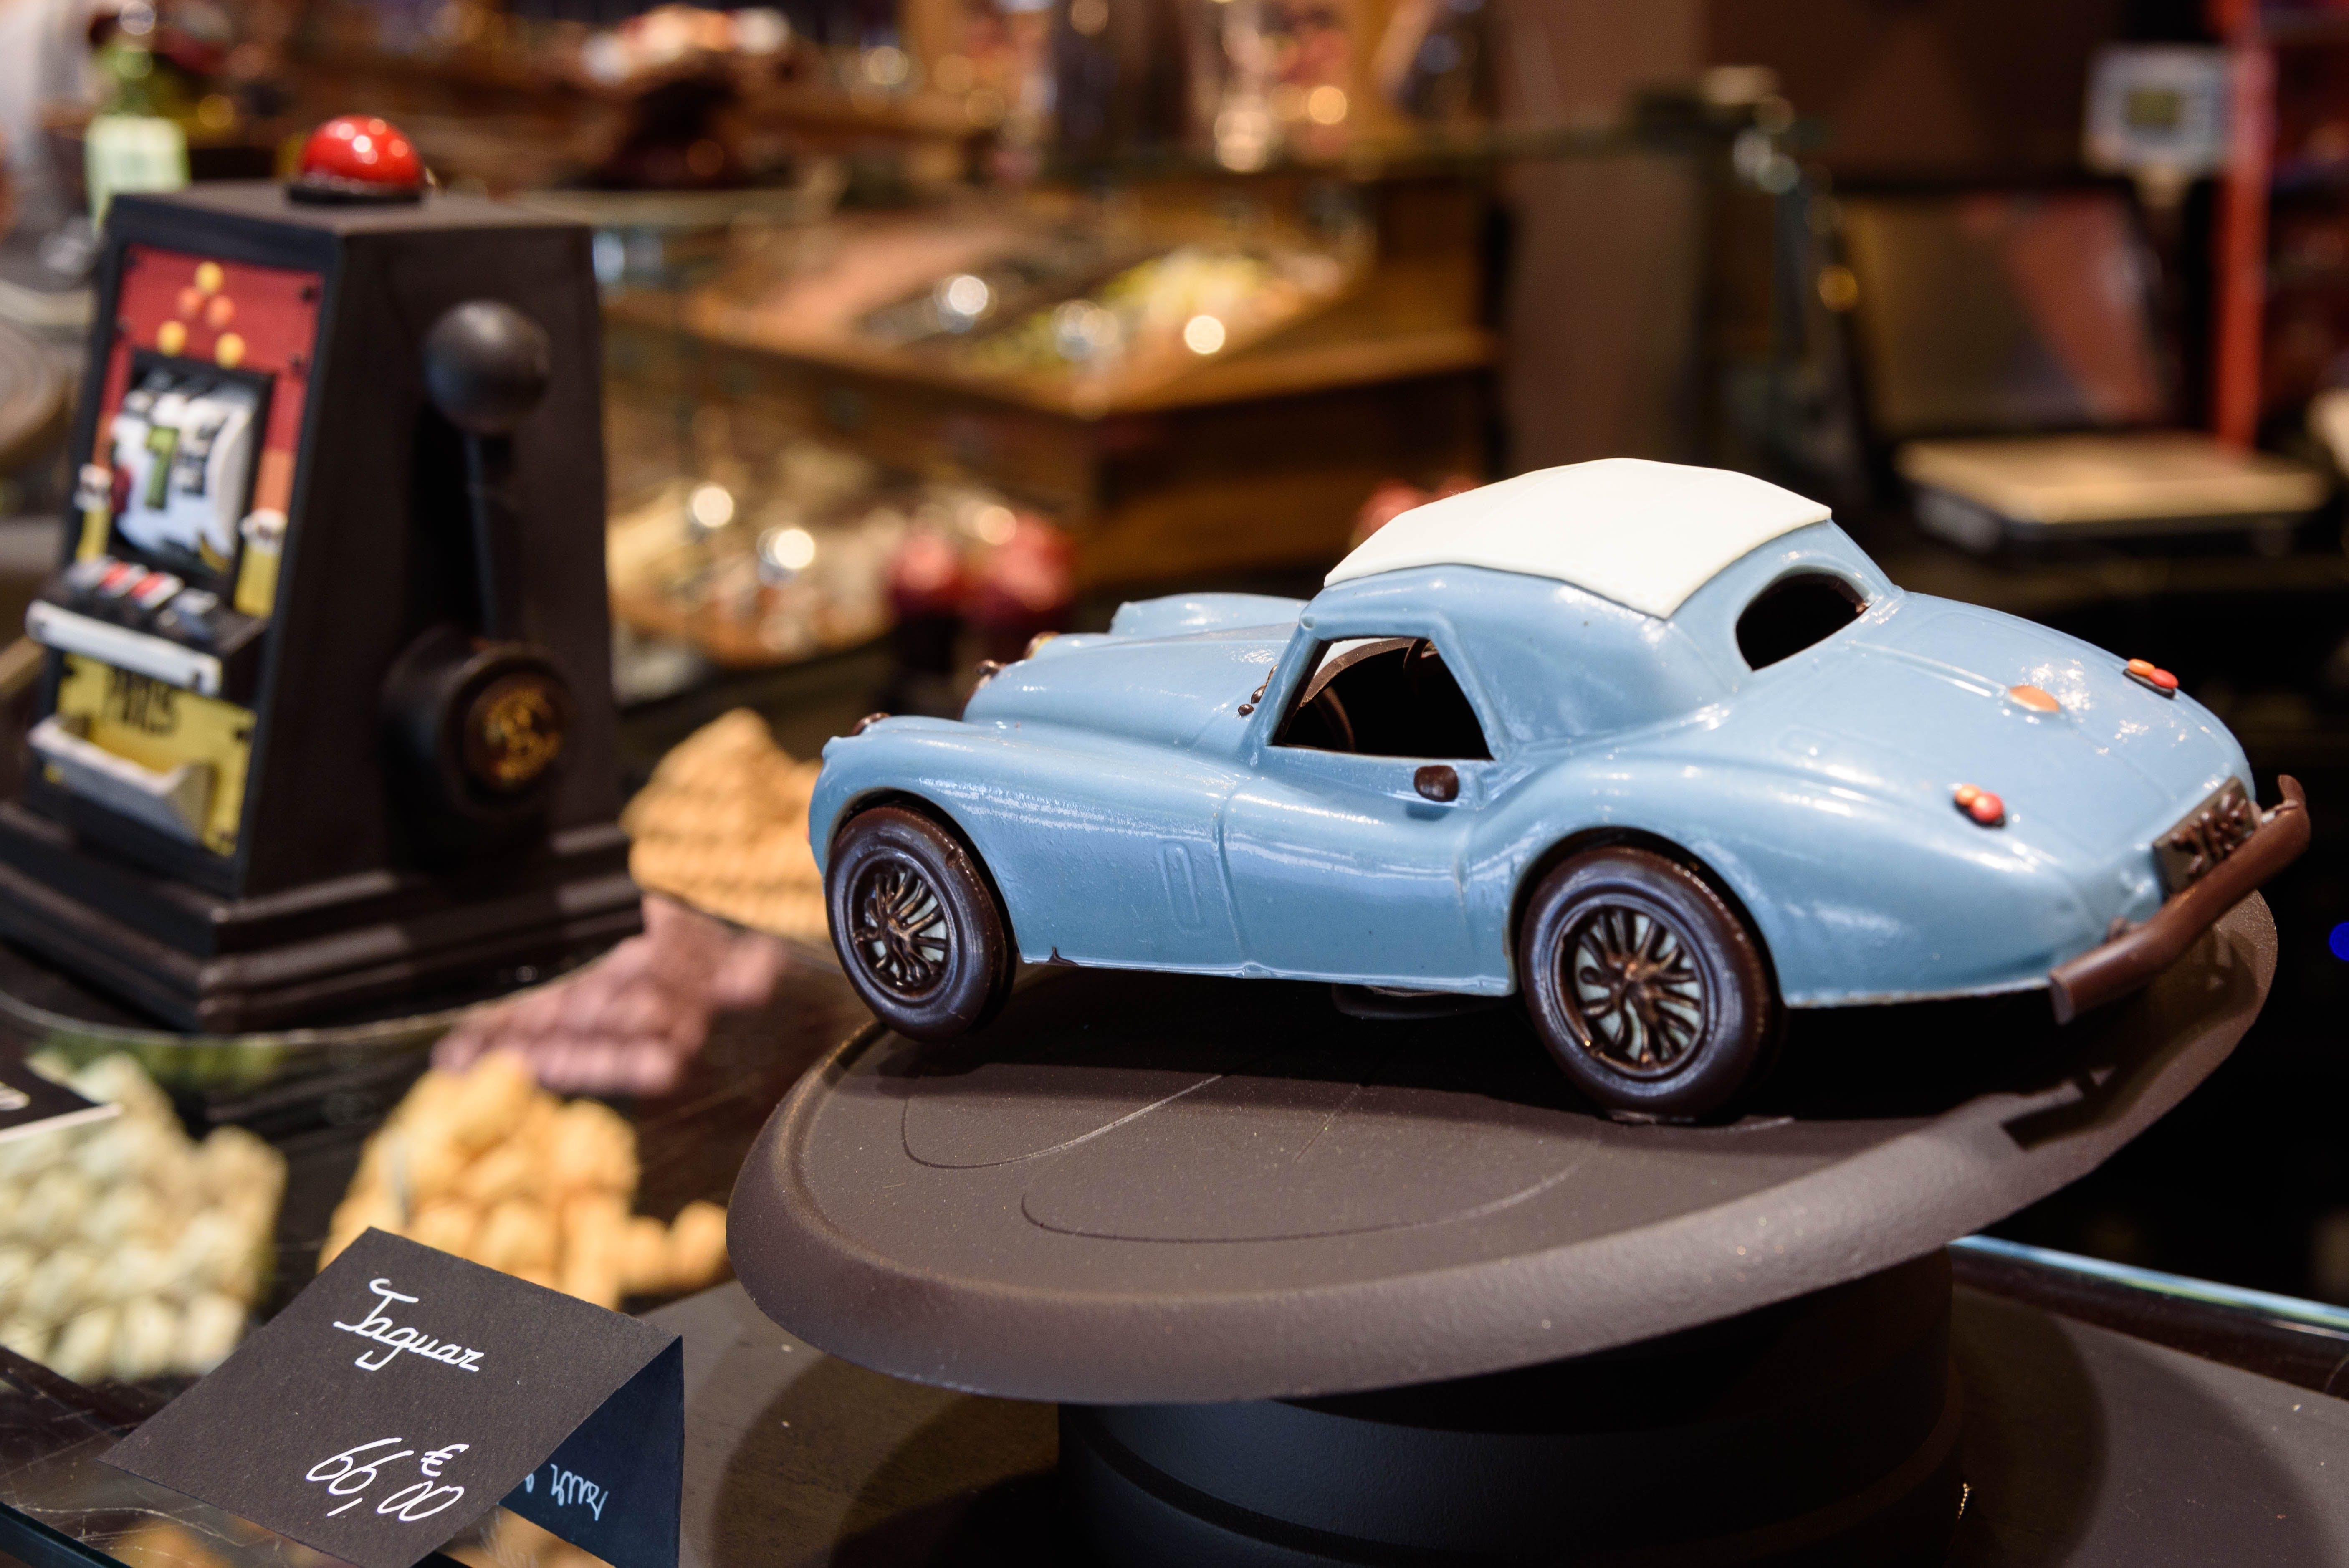 Blue Vintage Coupe Die Cast Car Scale Model